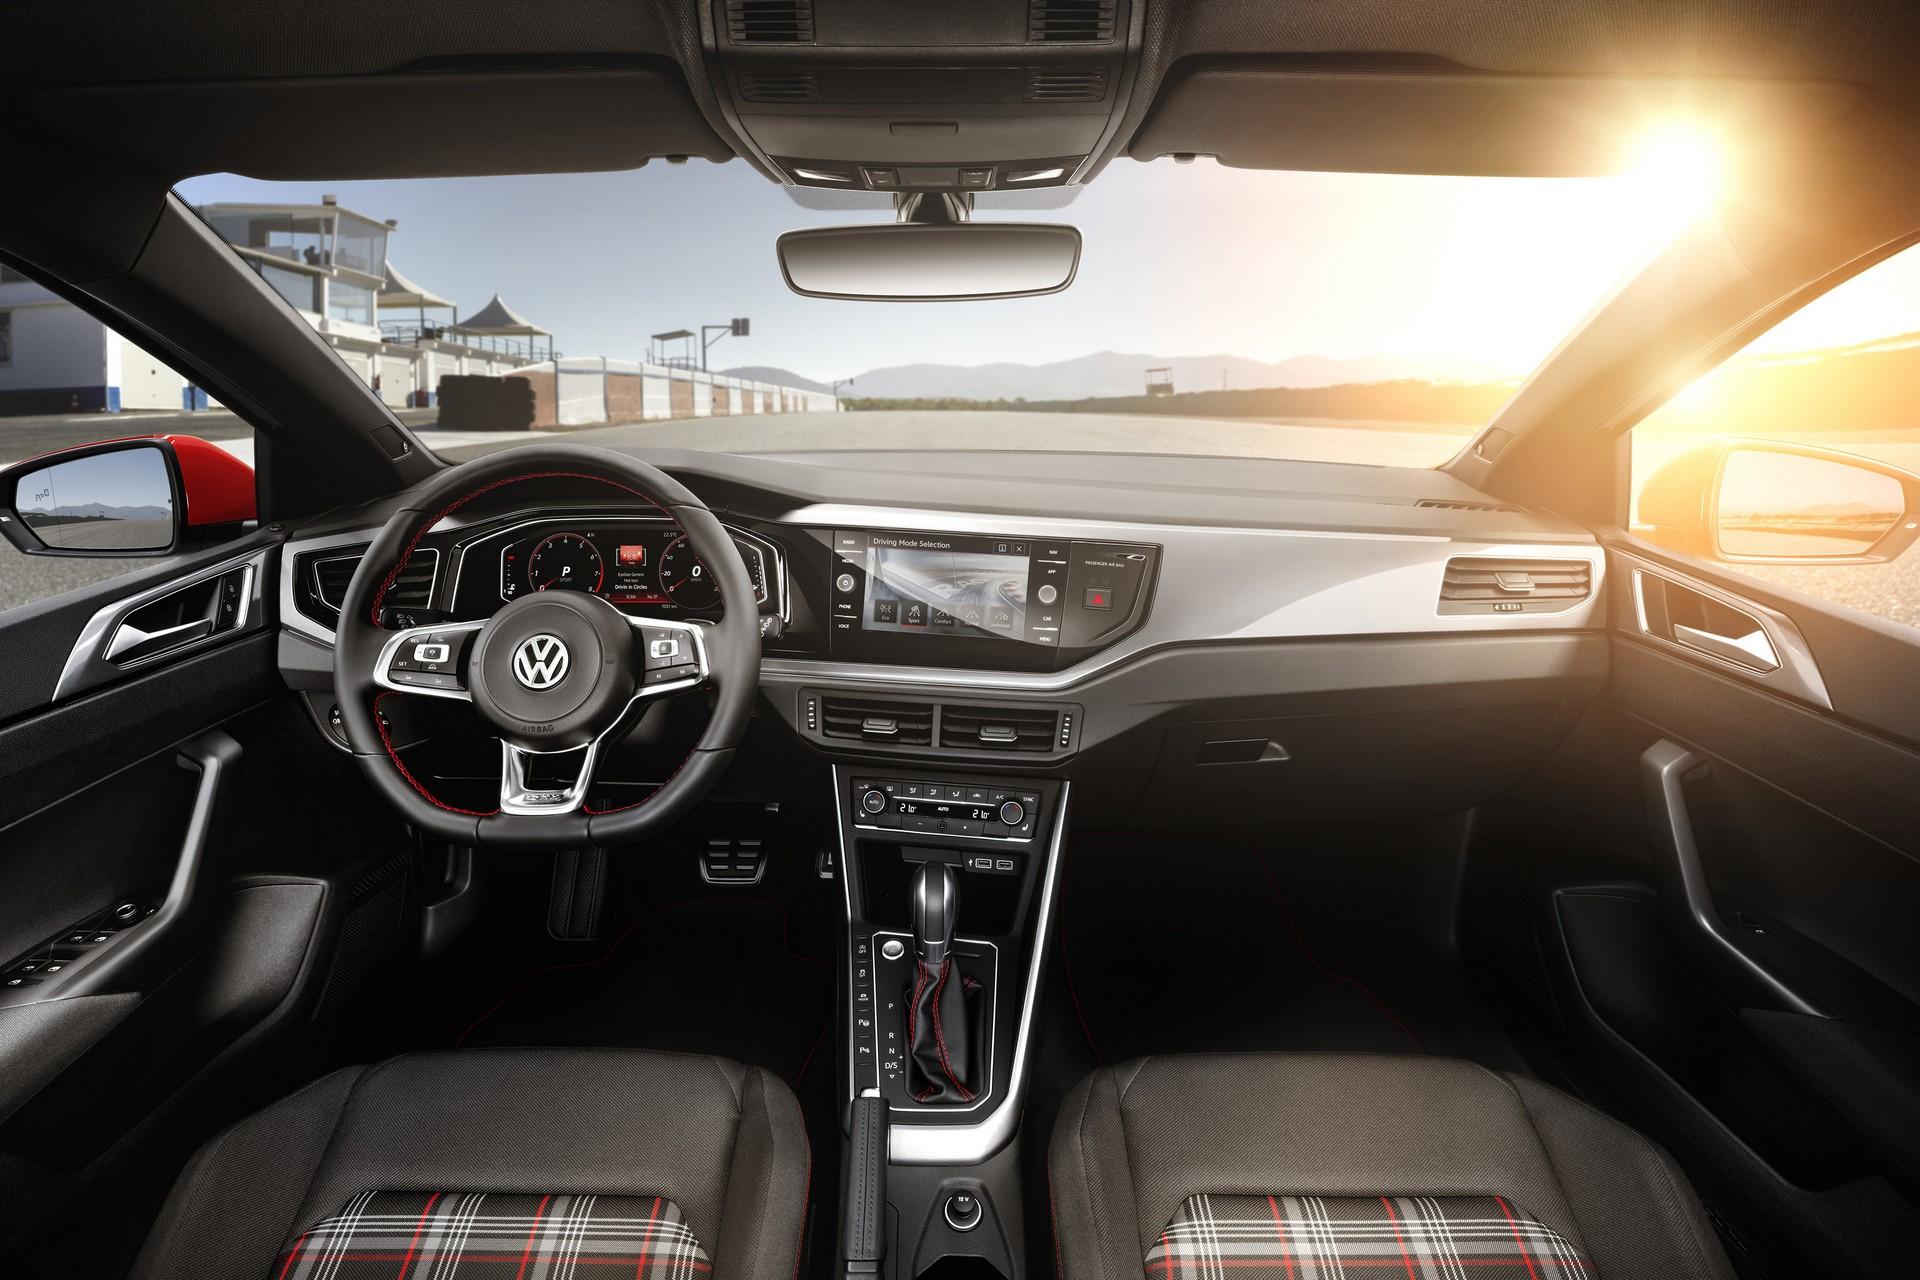 Volkswagen Polo GTI 2018 interni